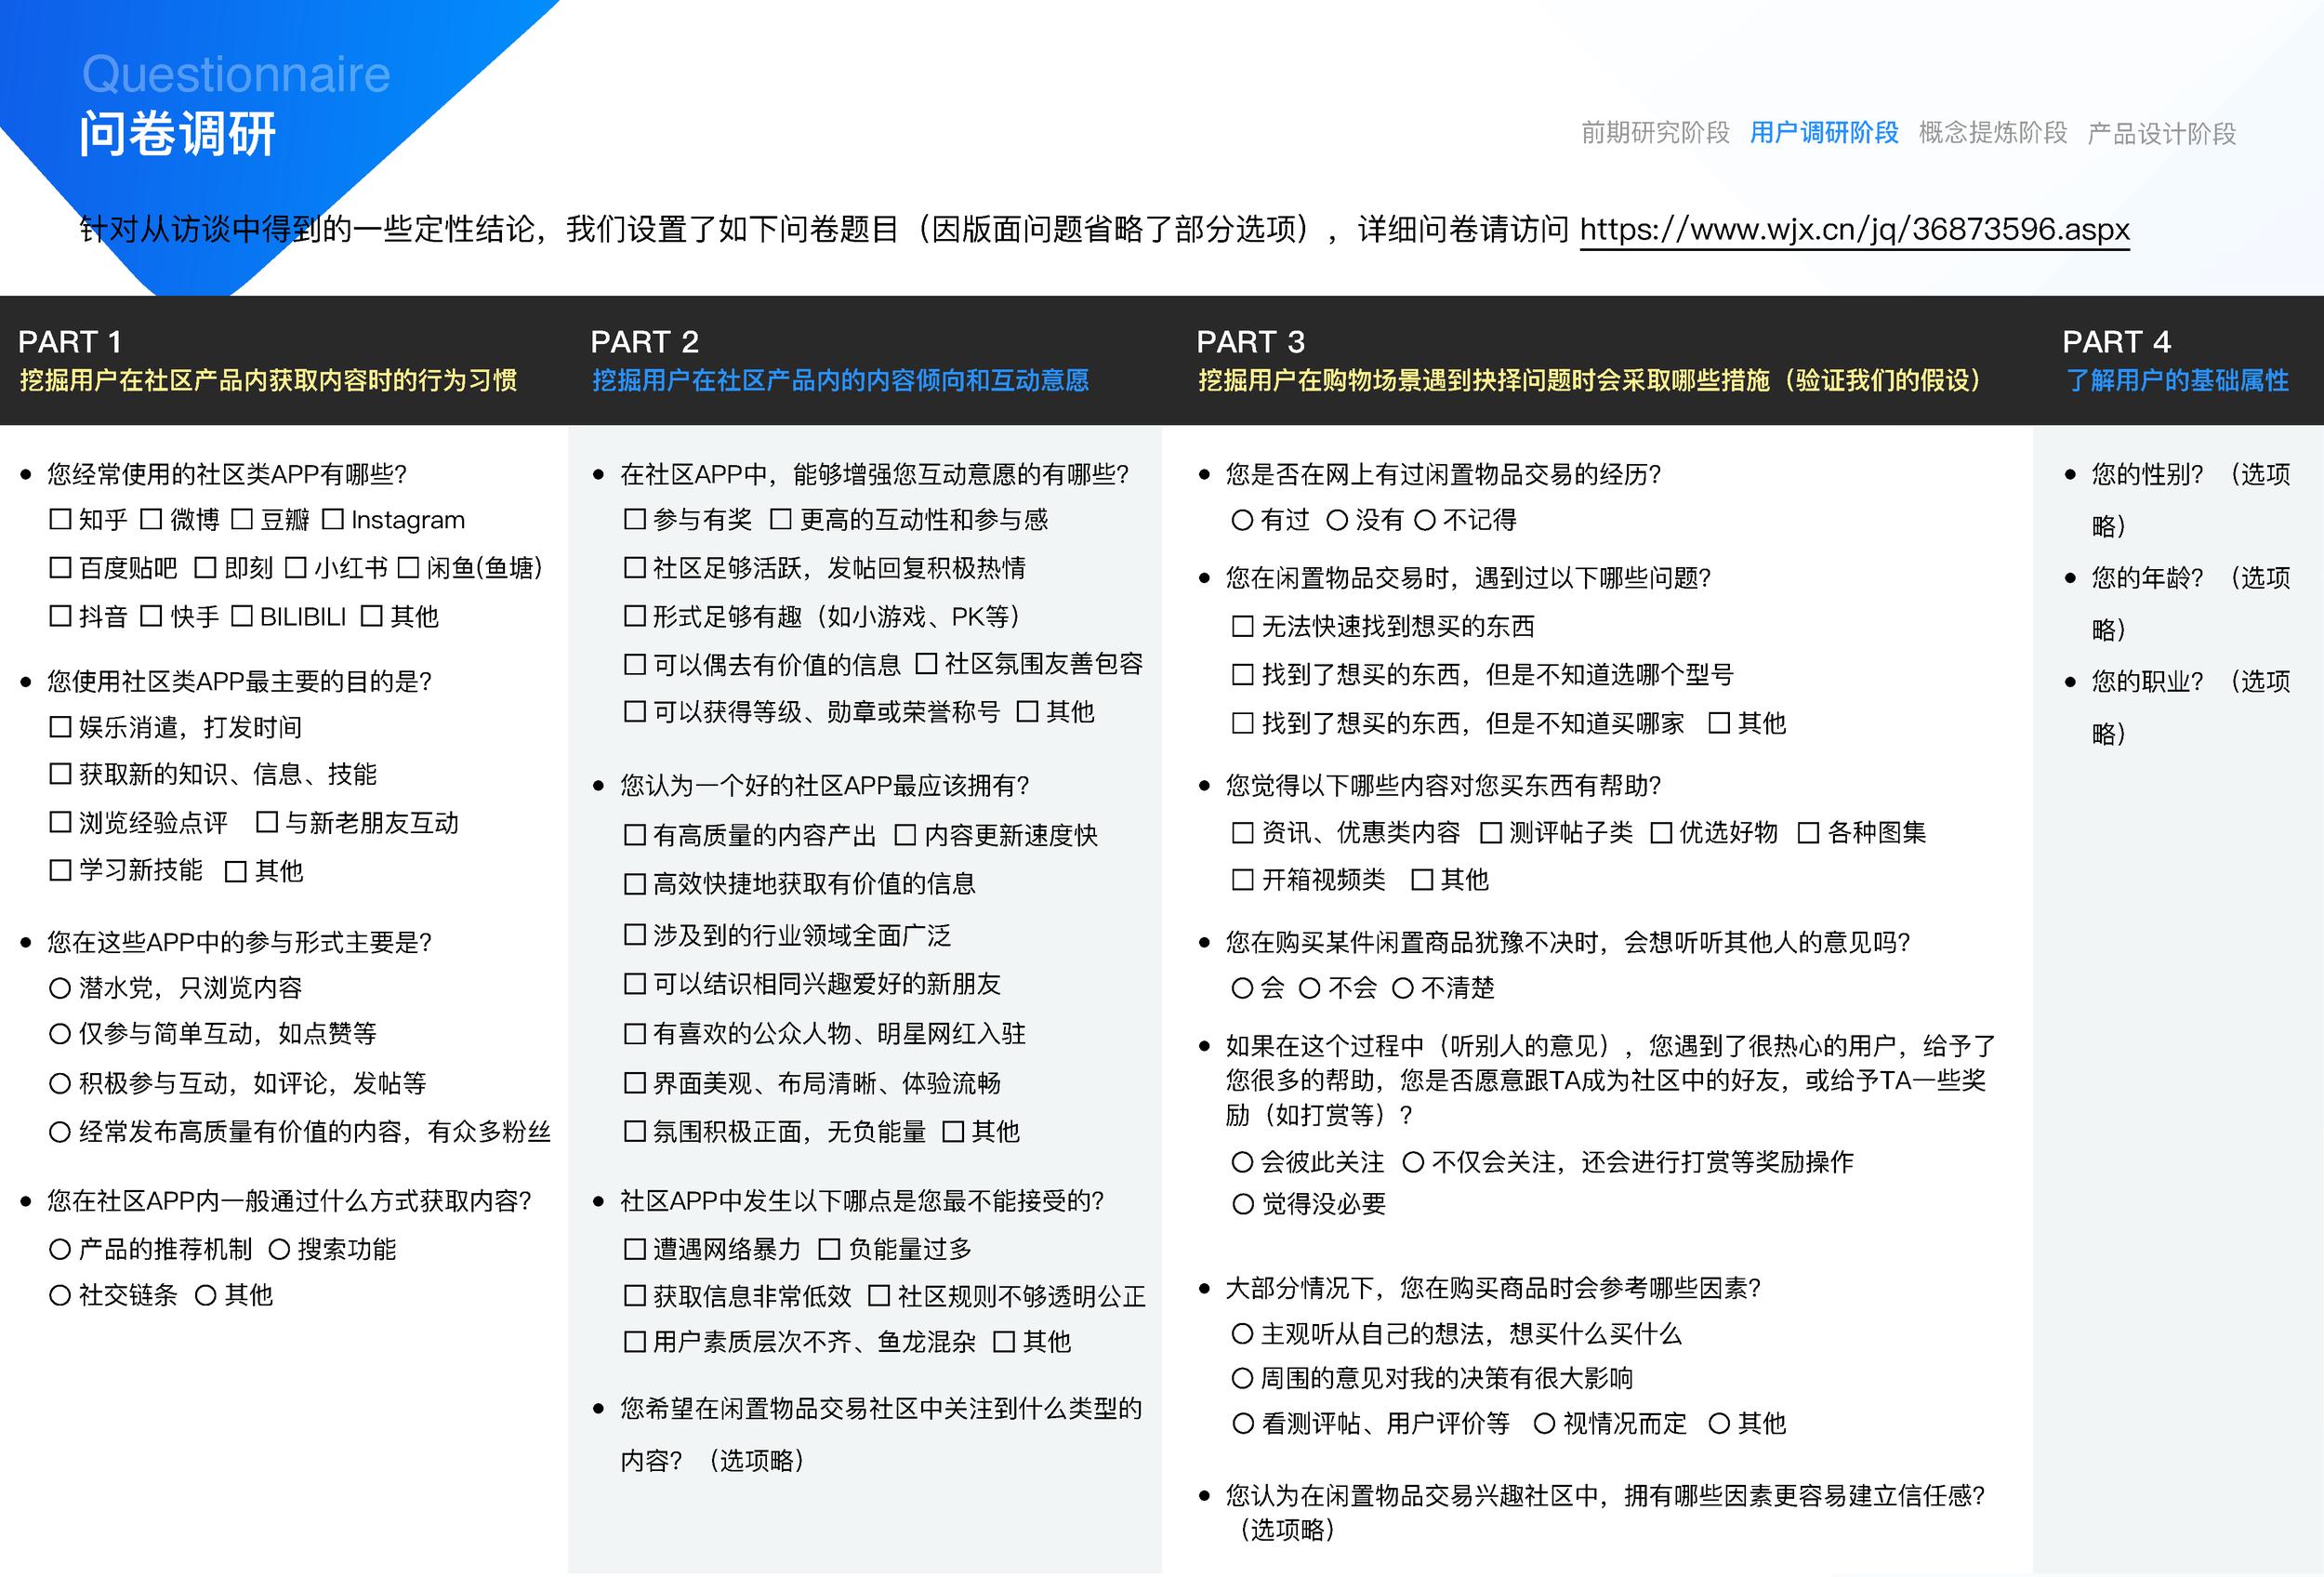 闲鱼社区互动设计(17小组油猫饼)_页面_11.png